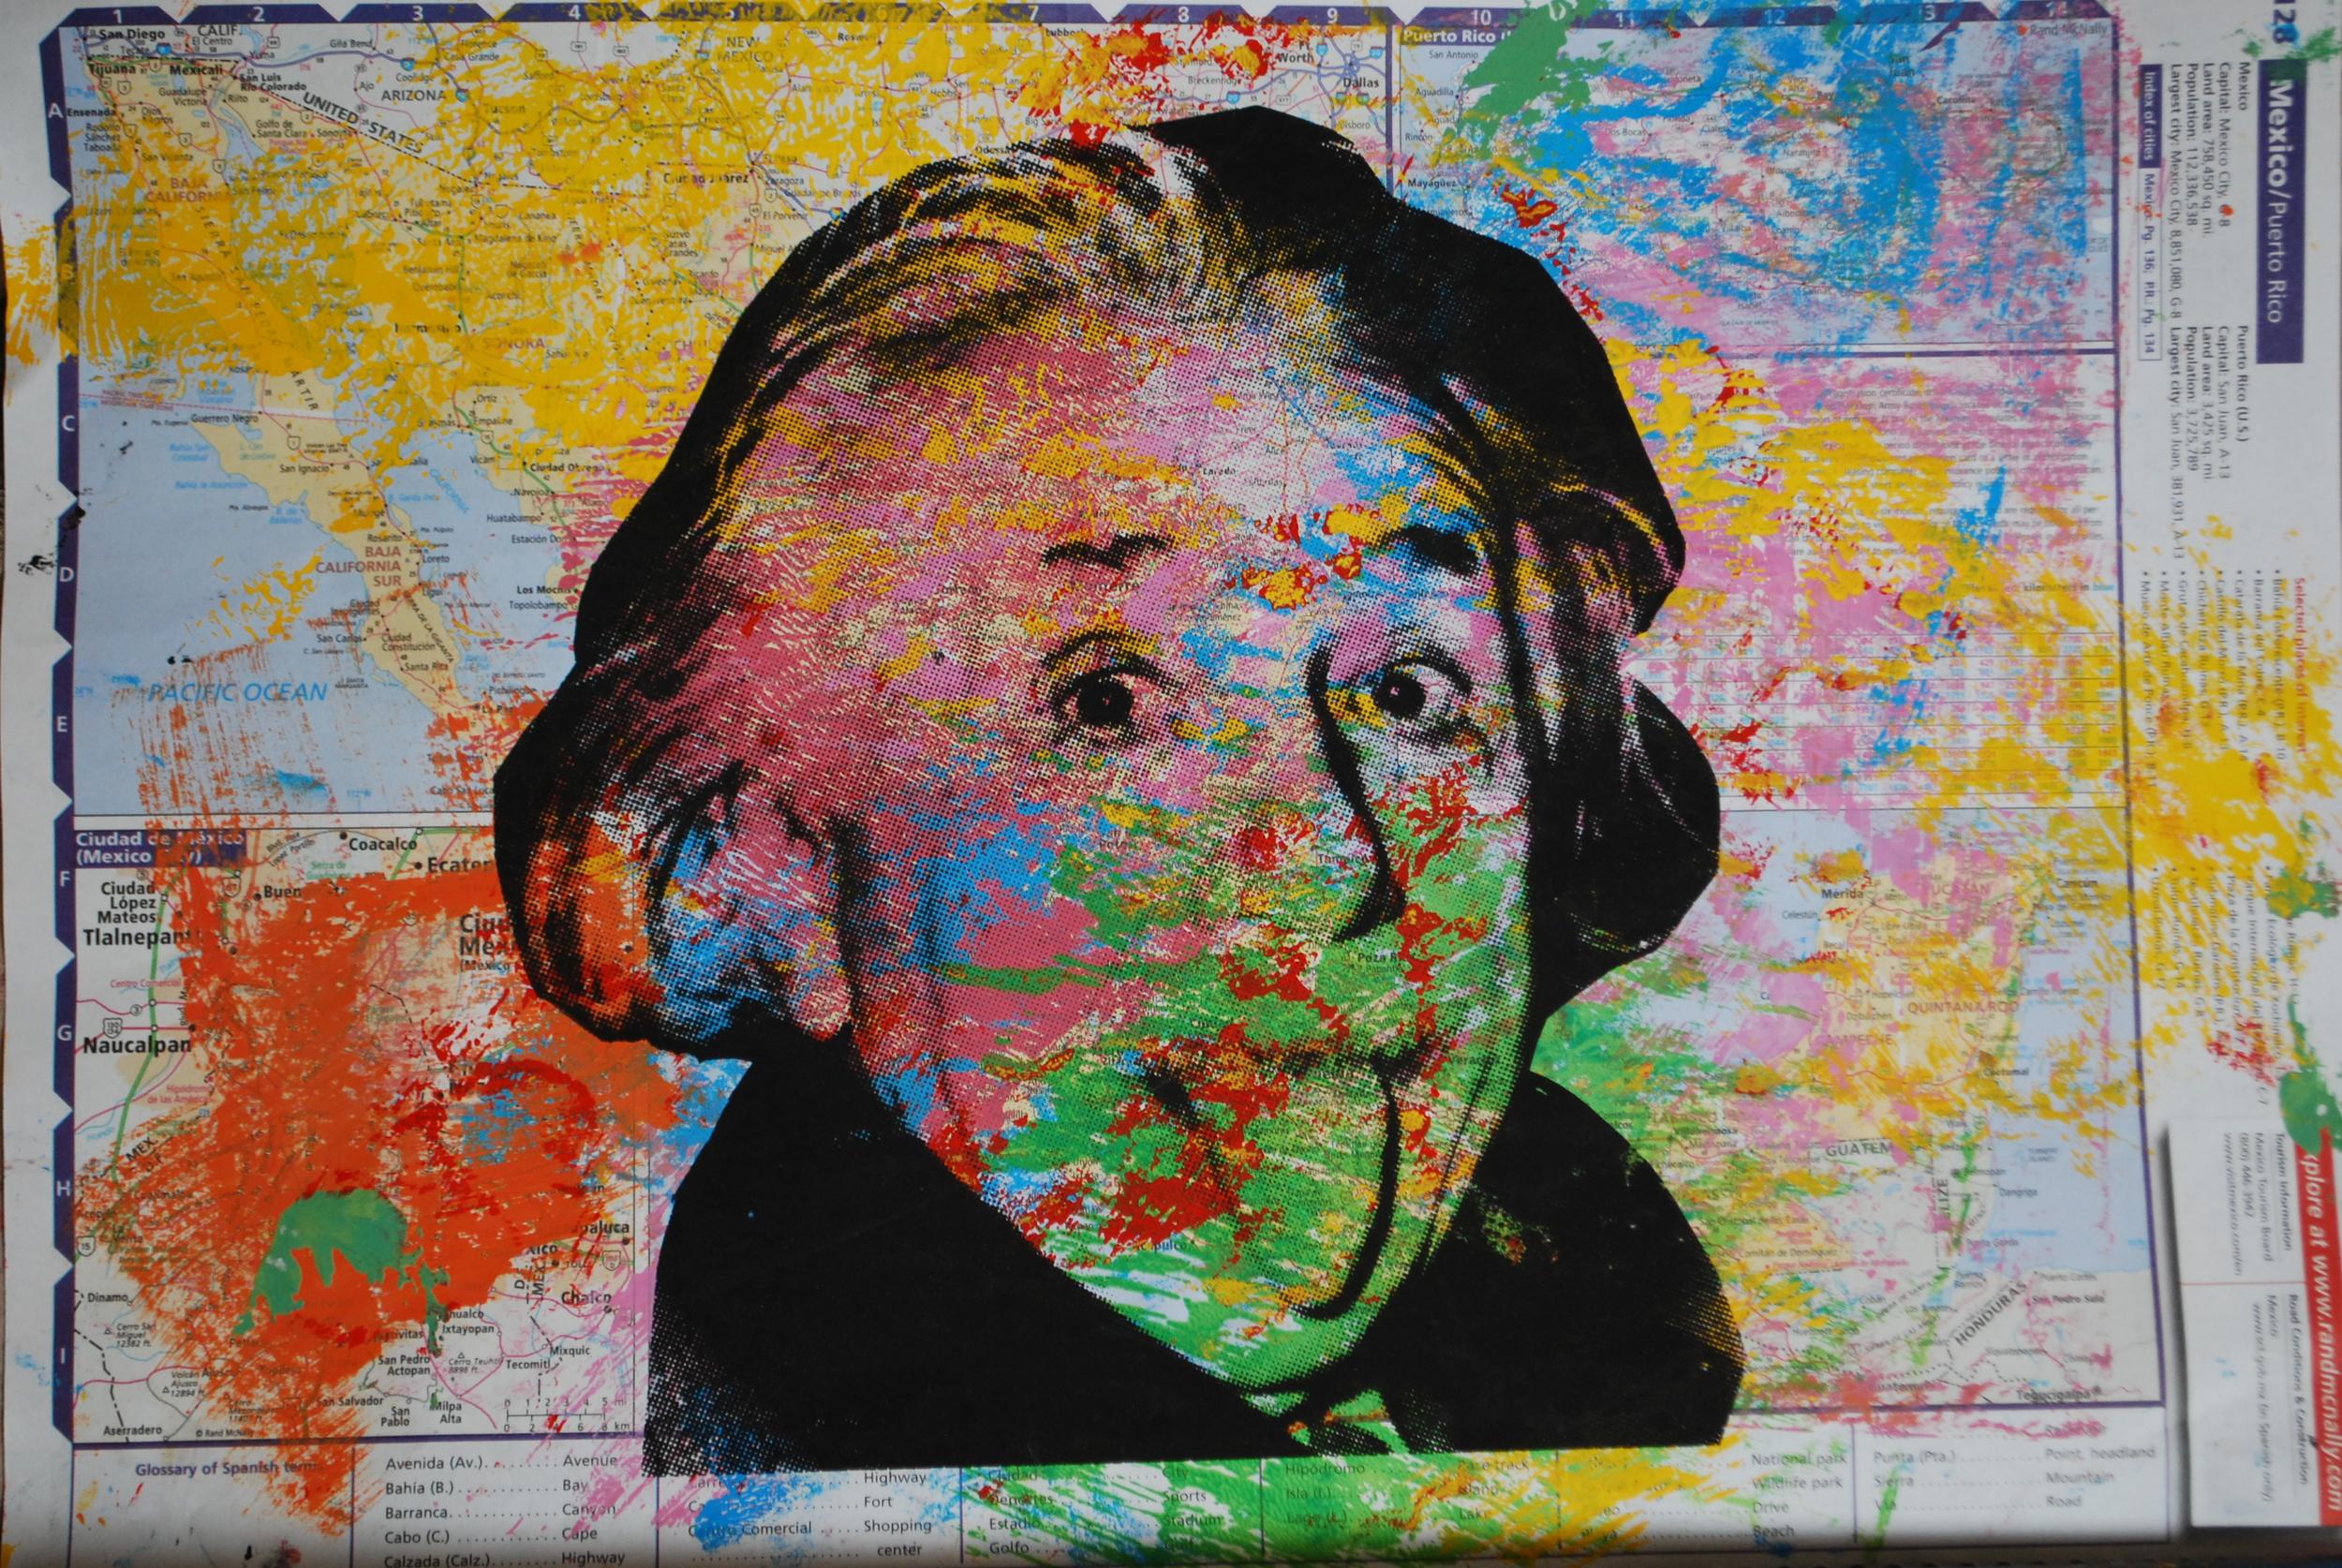 Einstein Mapa Chiquito 2. 15.5 x 10.5 in